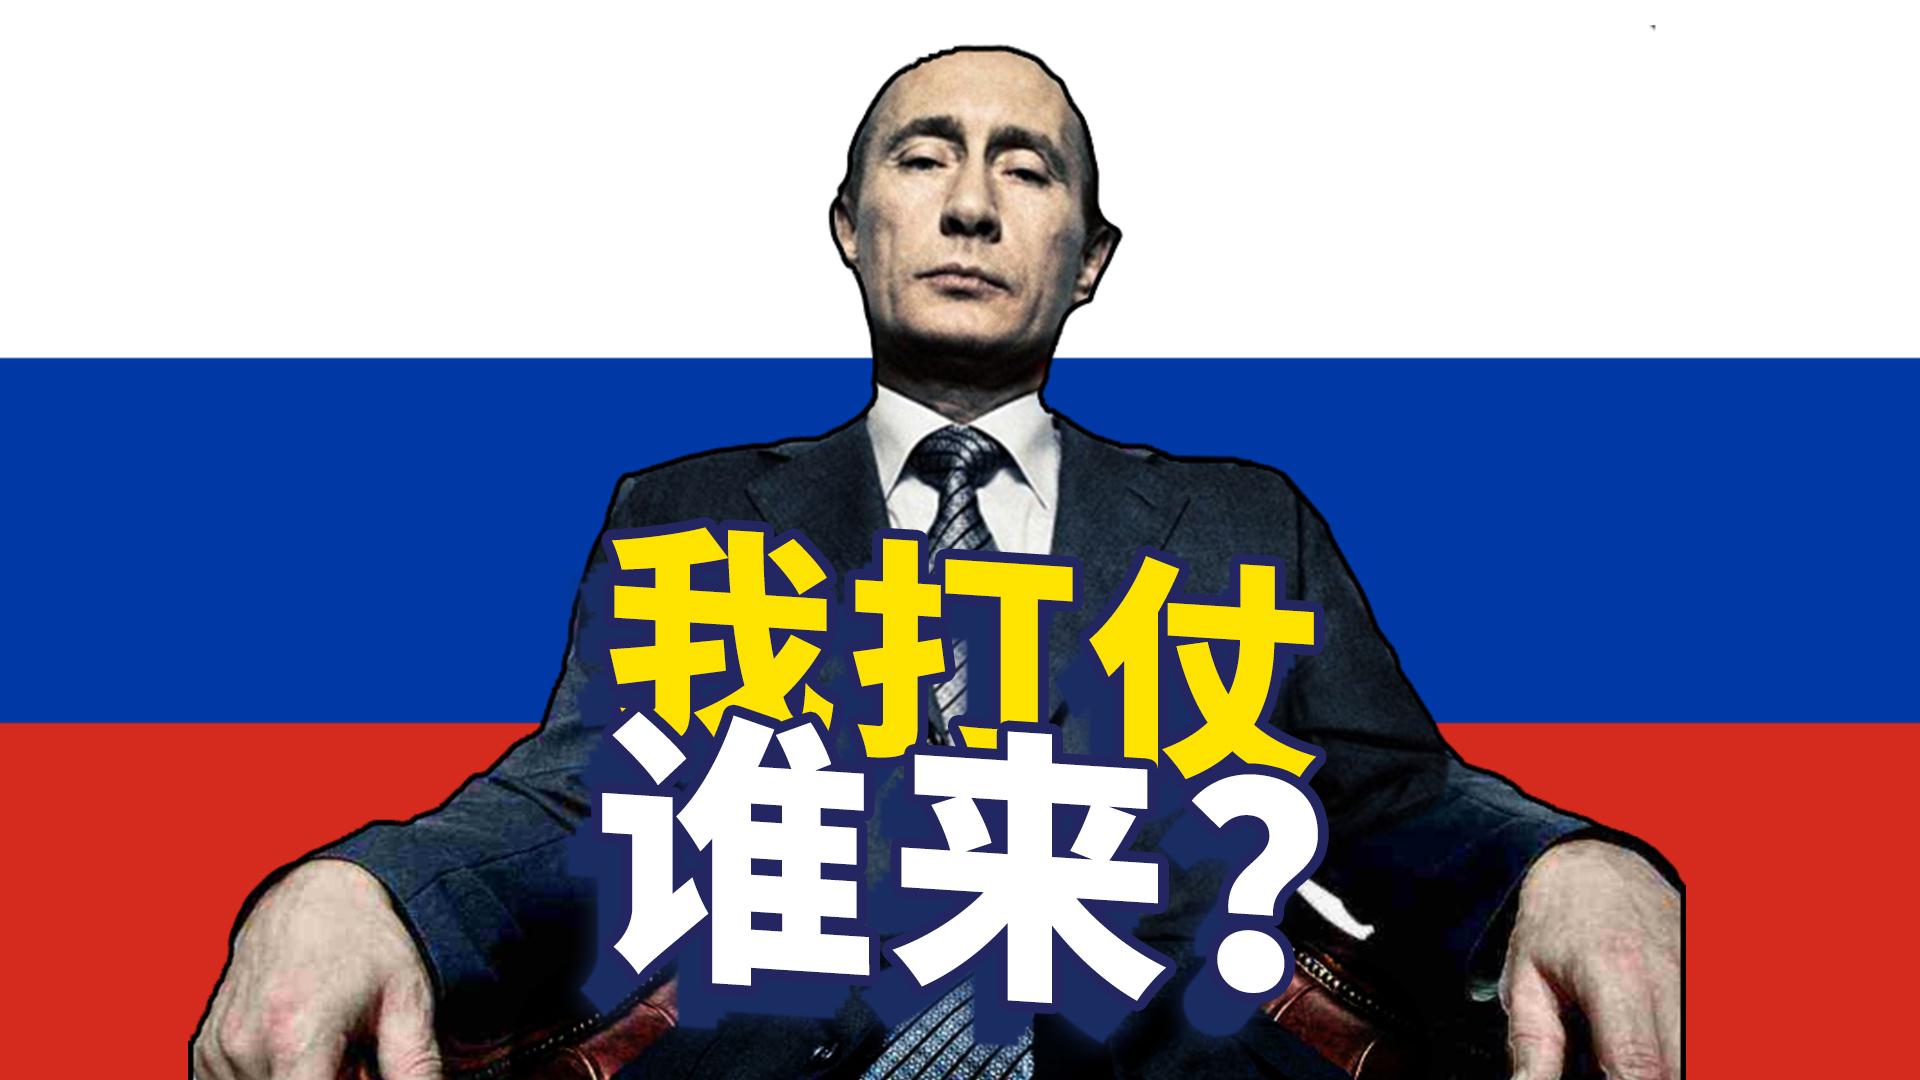 俄罗斯如果要打仗,能拉多少盟友